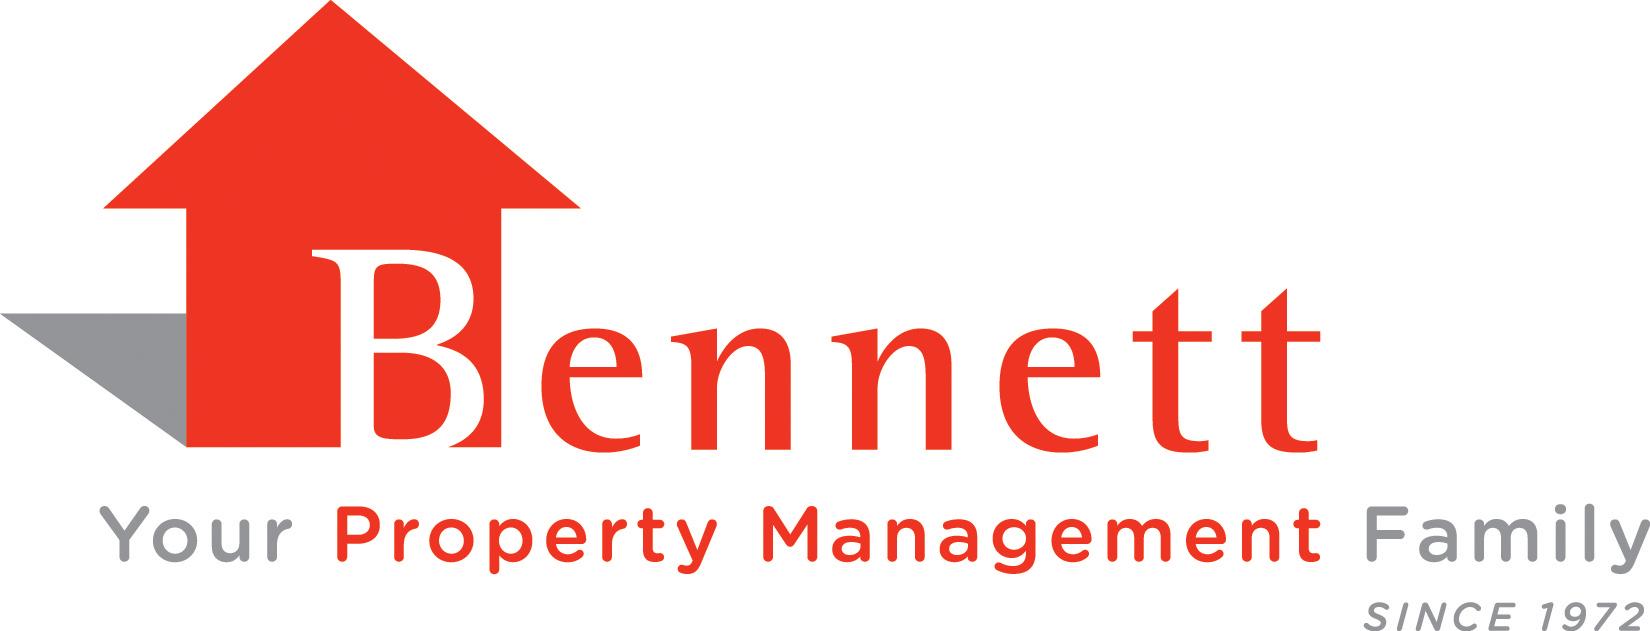 available rental residential rental listing 1 bed 1 bath in available rental residential rental listing 1 bed 1 bath in phoenix az nice studio apt in phoenix az az0144038l